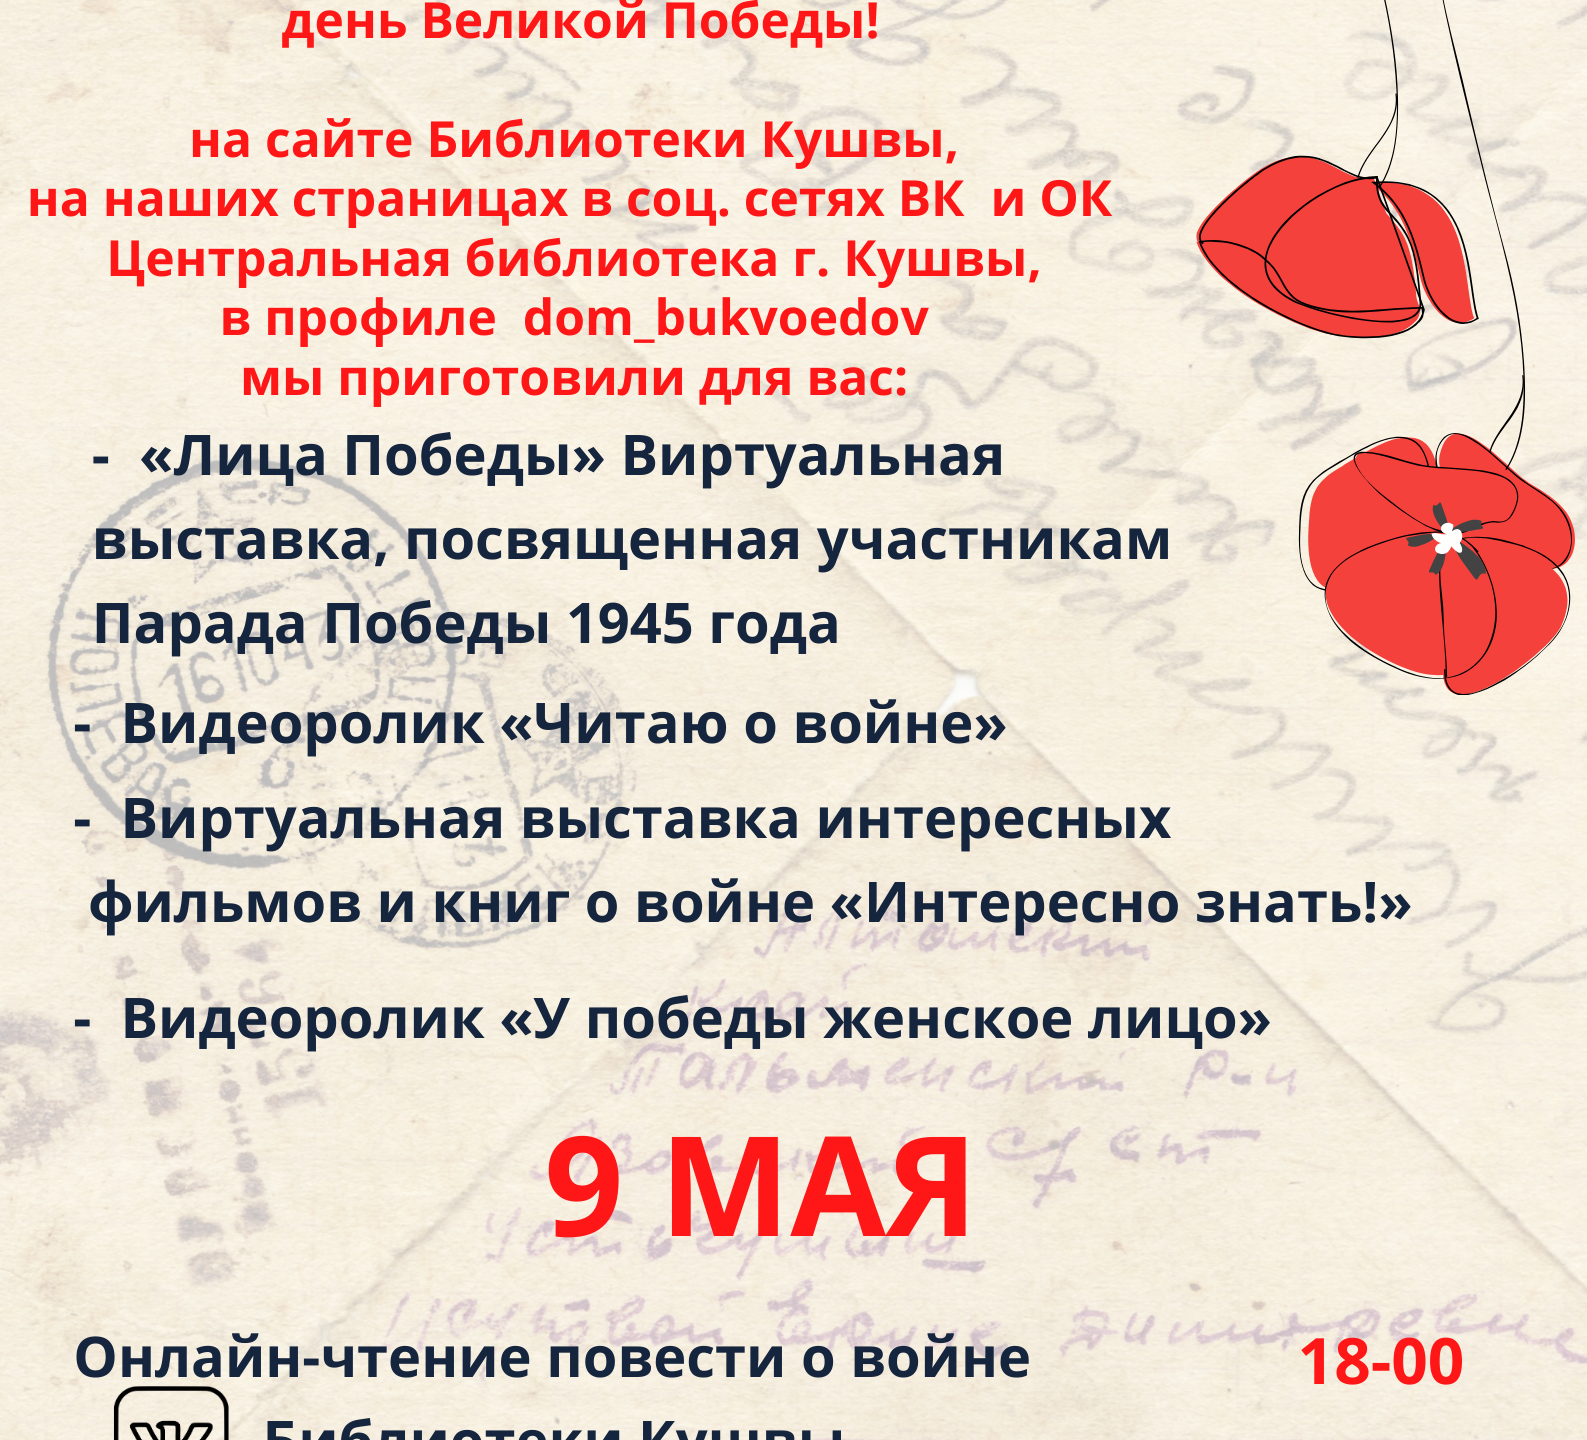 Афиша 9 мая